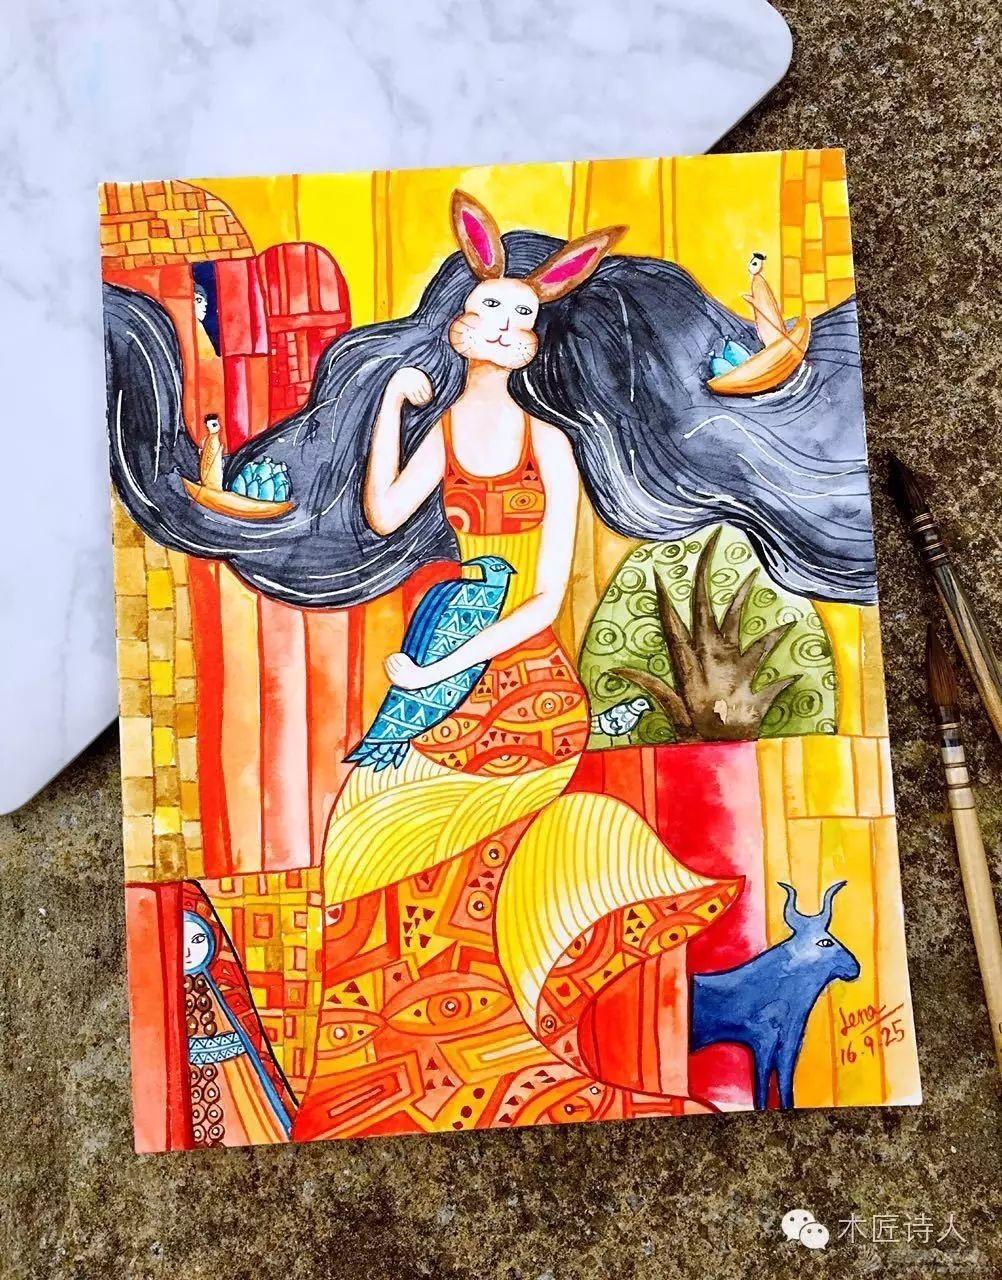 伦敦游艇圈女画家Lena Luo 马奈 莫奈 雷诺瓦 下一个谁会在海上w7.jpg